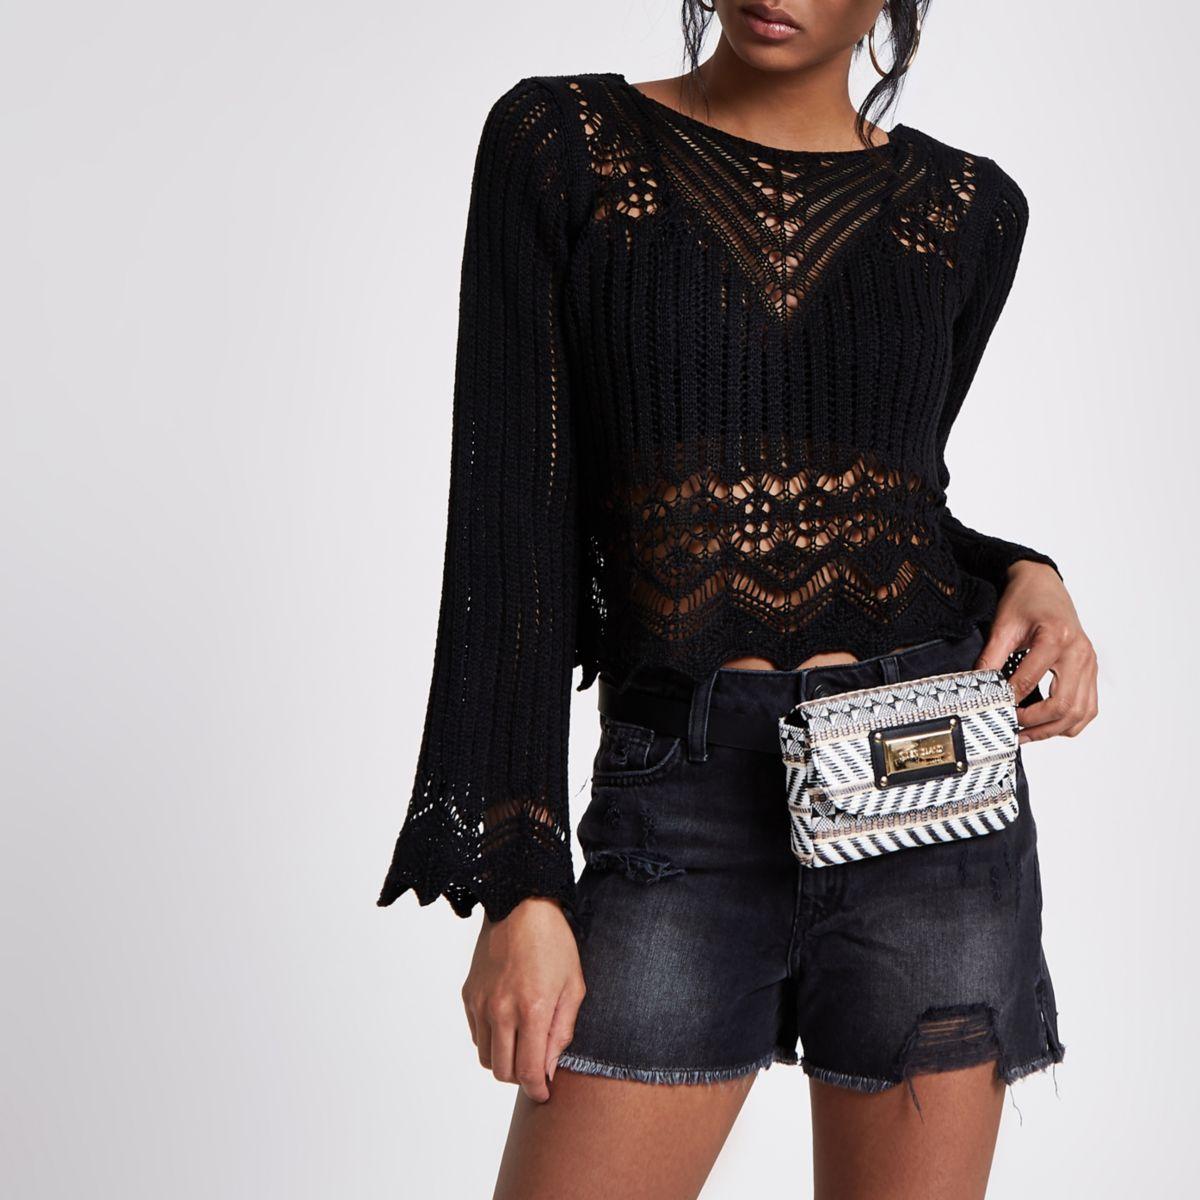 Black crochet knit long sleeve top